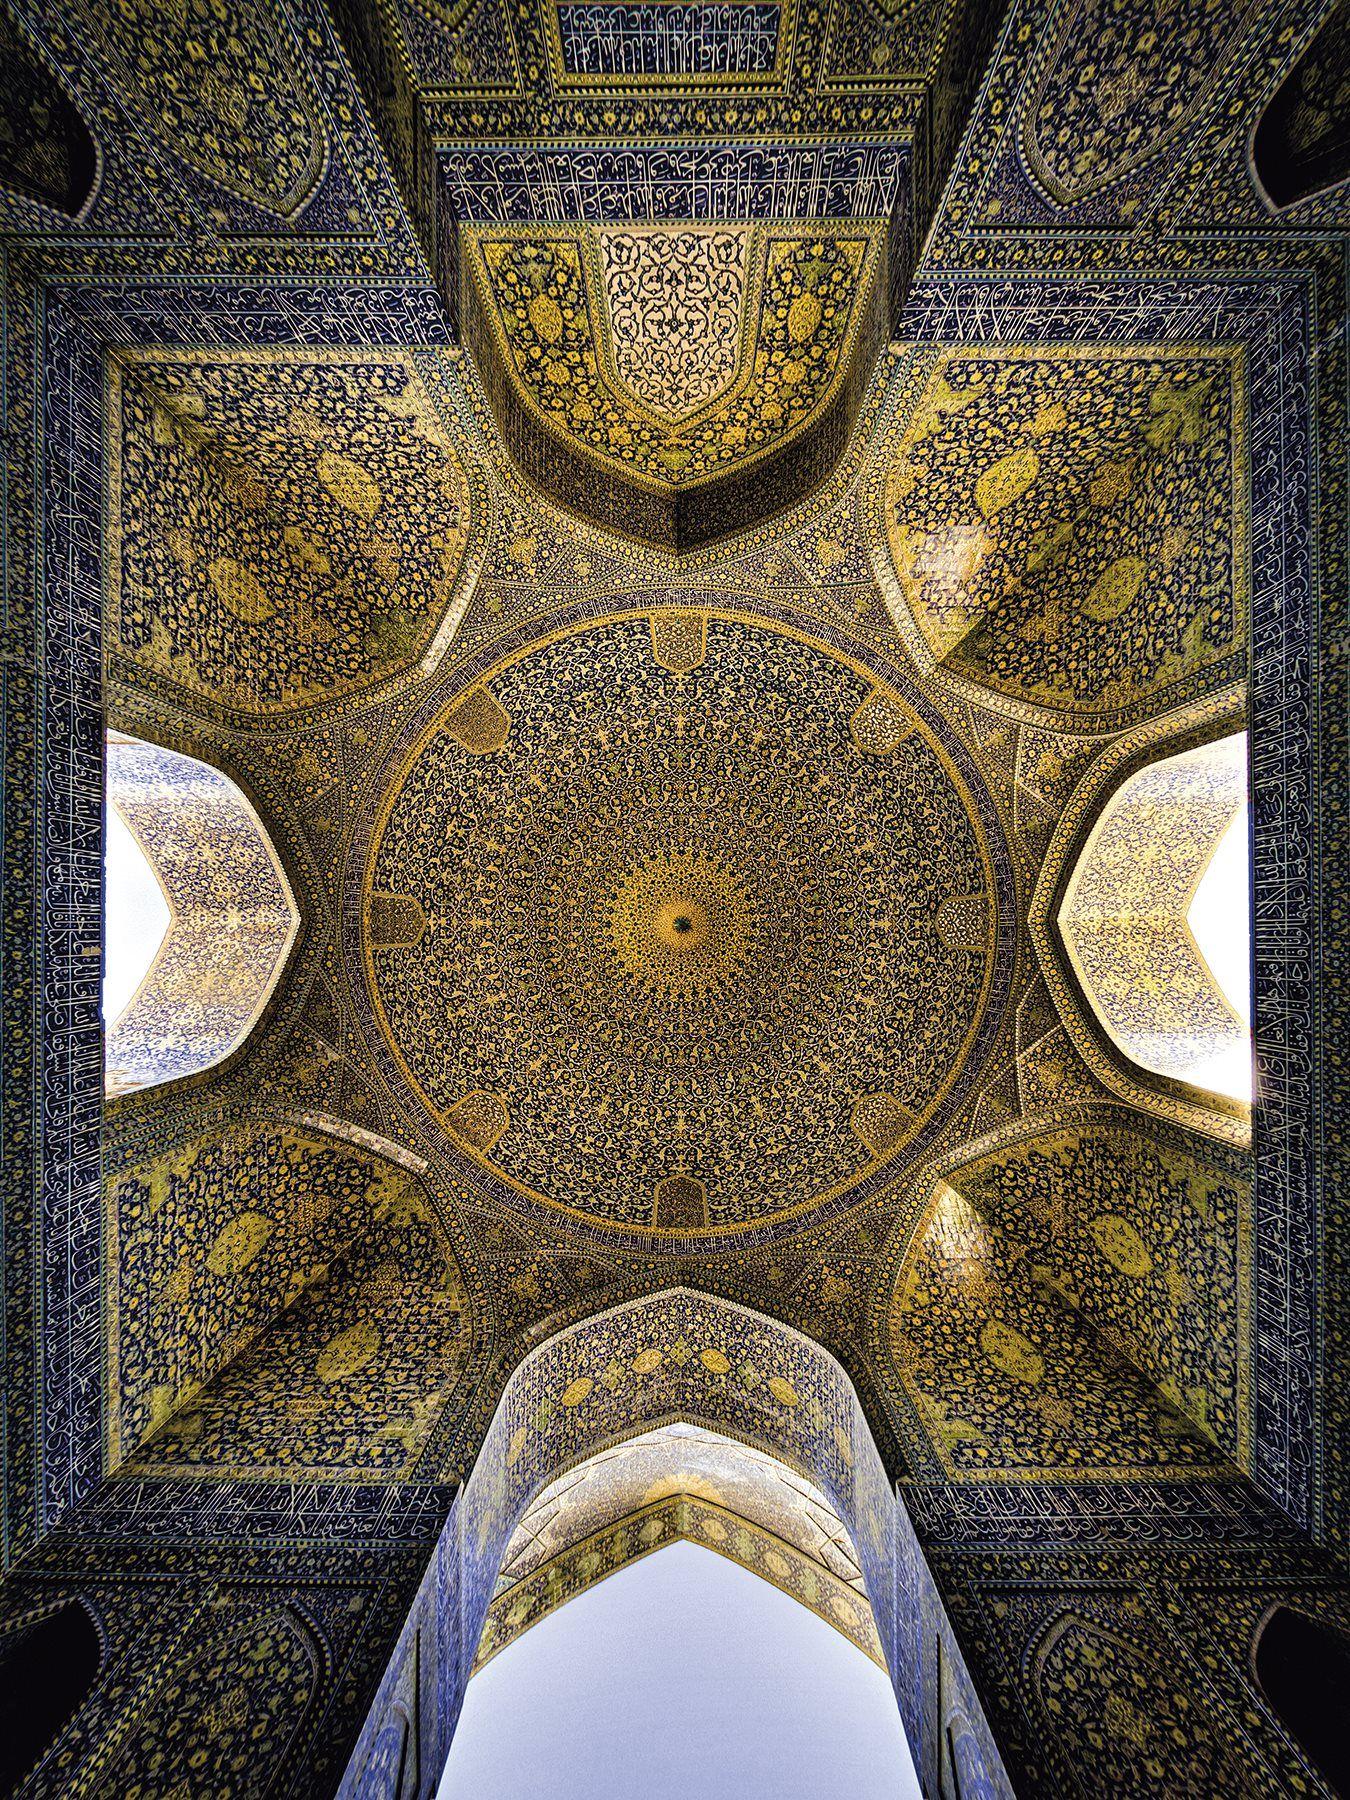 La luz natural ilumina el interior de la cúpula de la mezquita del Shah, en Isfahán, construida entre 1612 y 1630 durante la dinastía safávida y considerada una joya de la arquitectura persa.